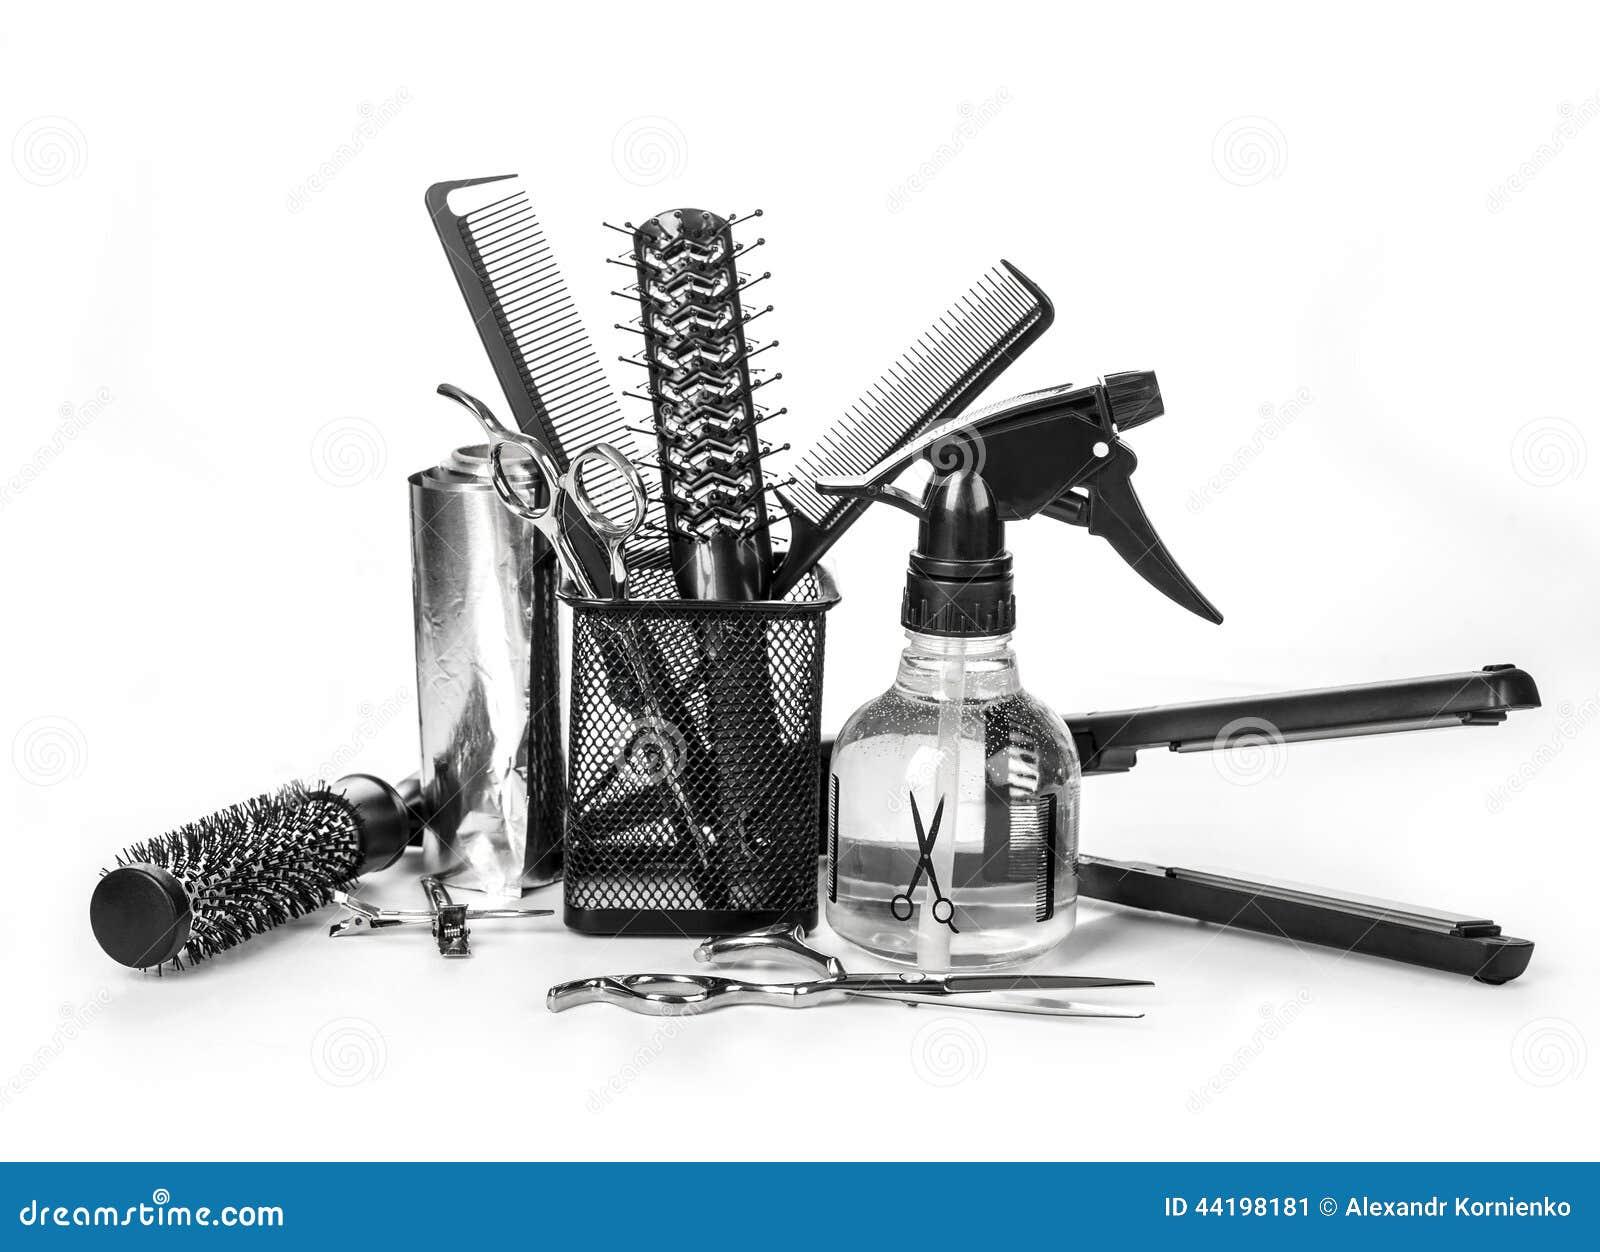 Outils De Coiffeur Photo Stock - Image 44198181